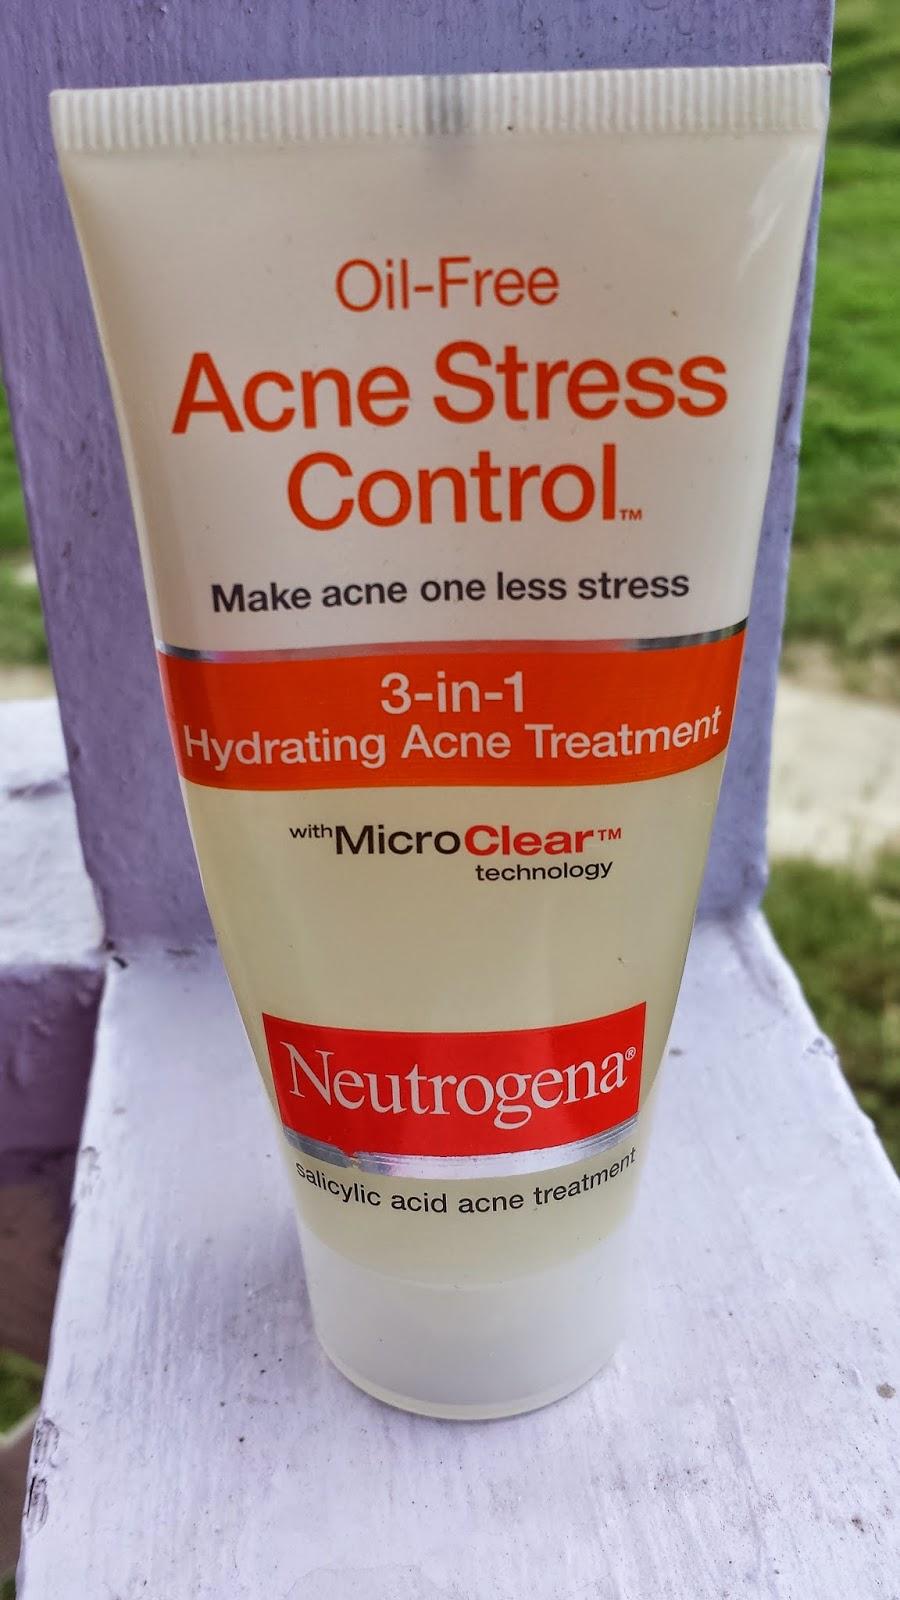 Neutrogena Acne Stress Control 3-in-1 Hydrating Acne Treatment - www.modenmakeup.com